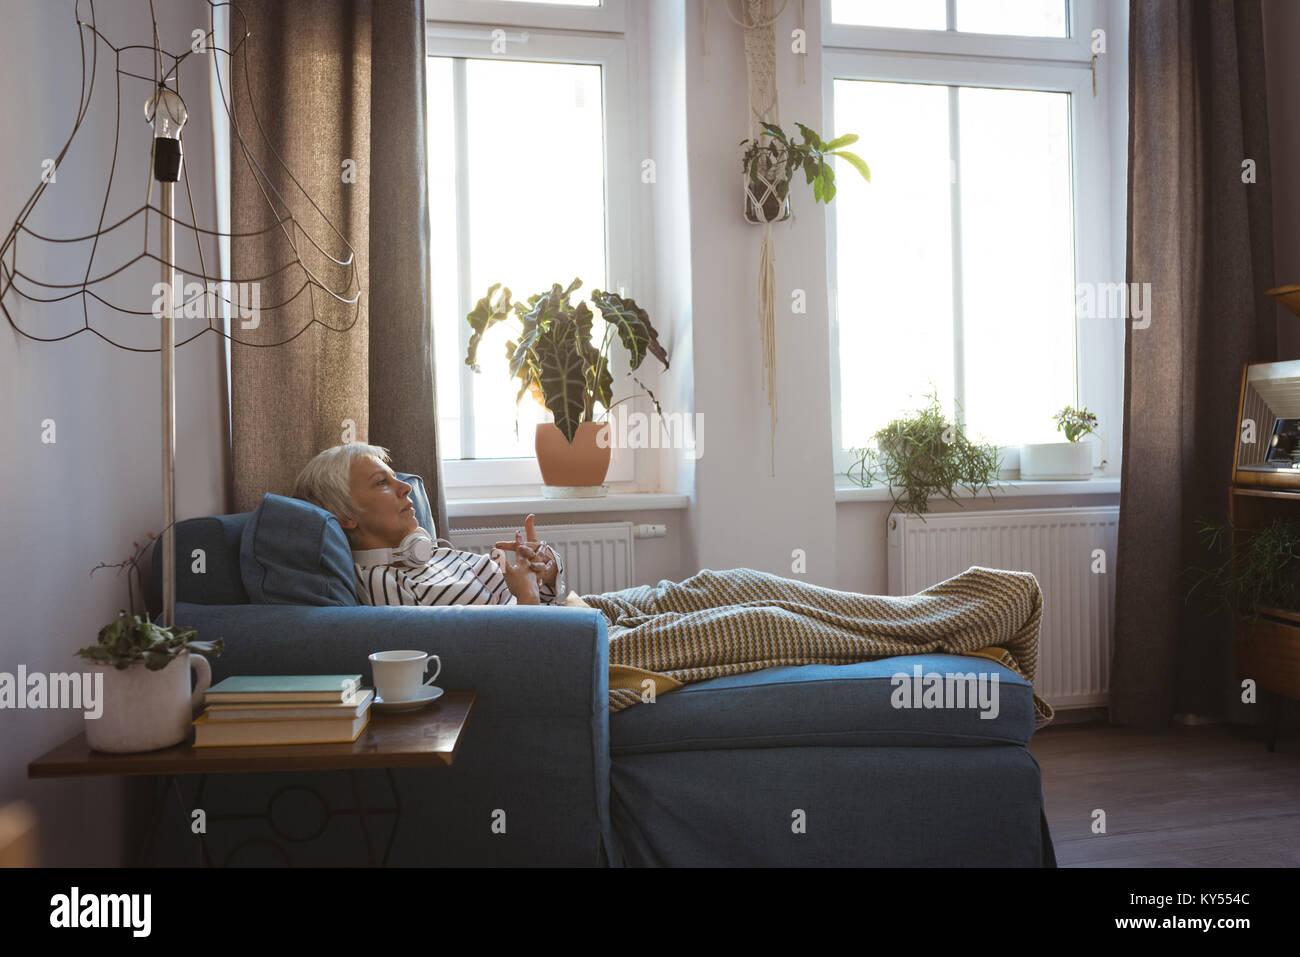 Ältere Frau auf Sofa im Wohnzimmer zu Hause Stockbild